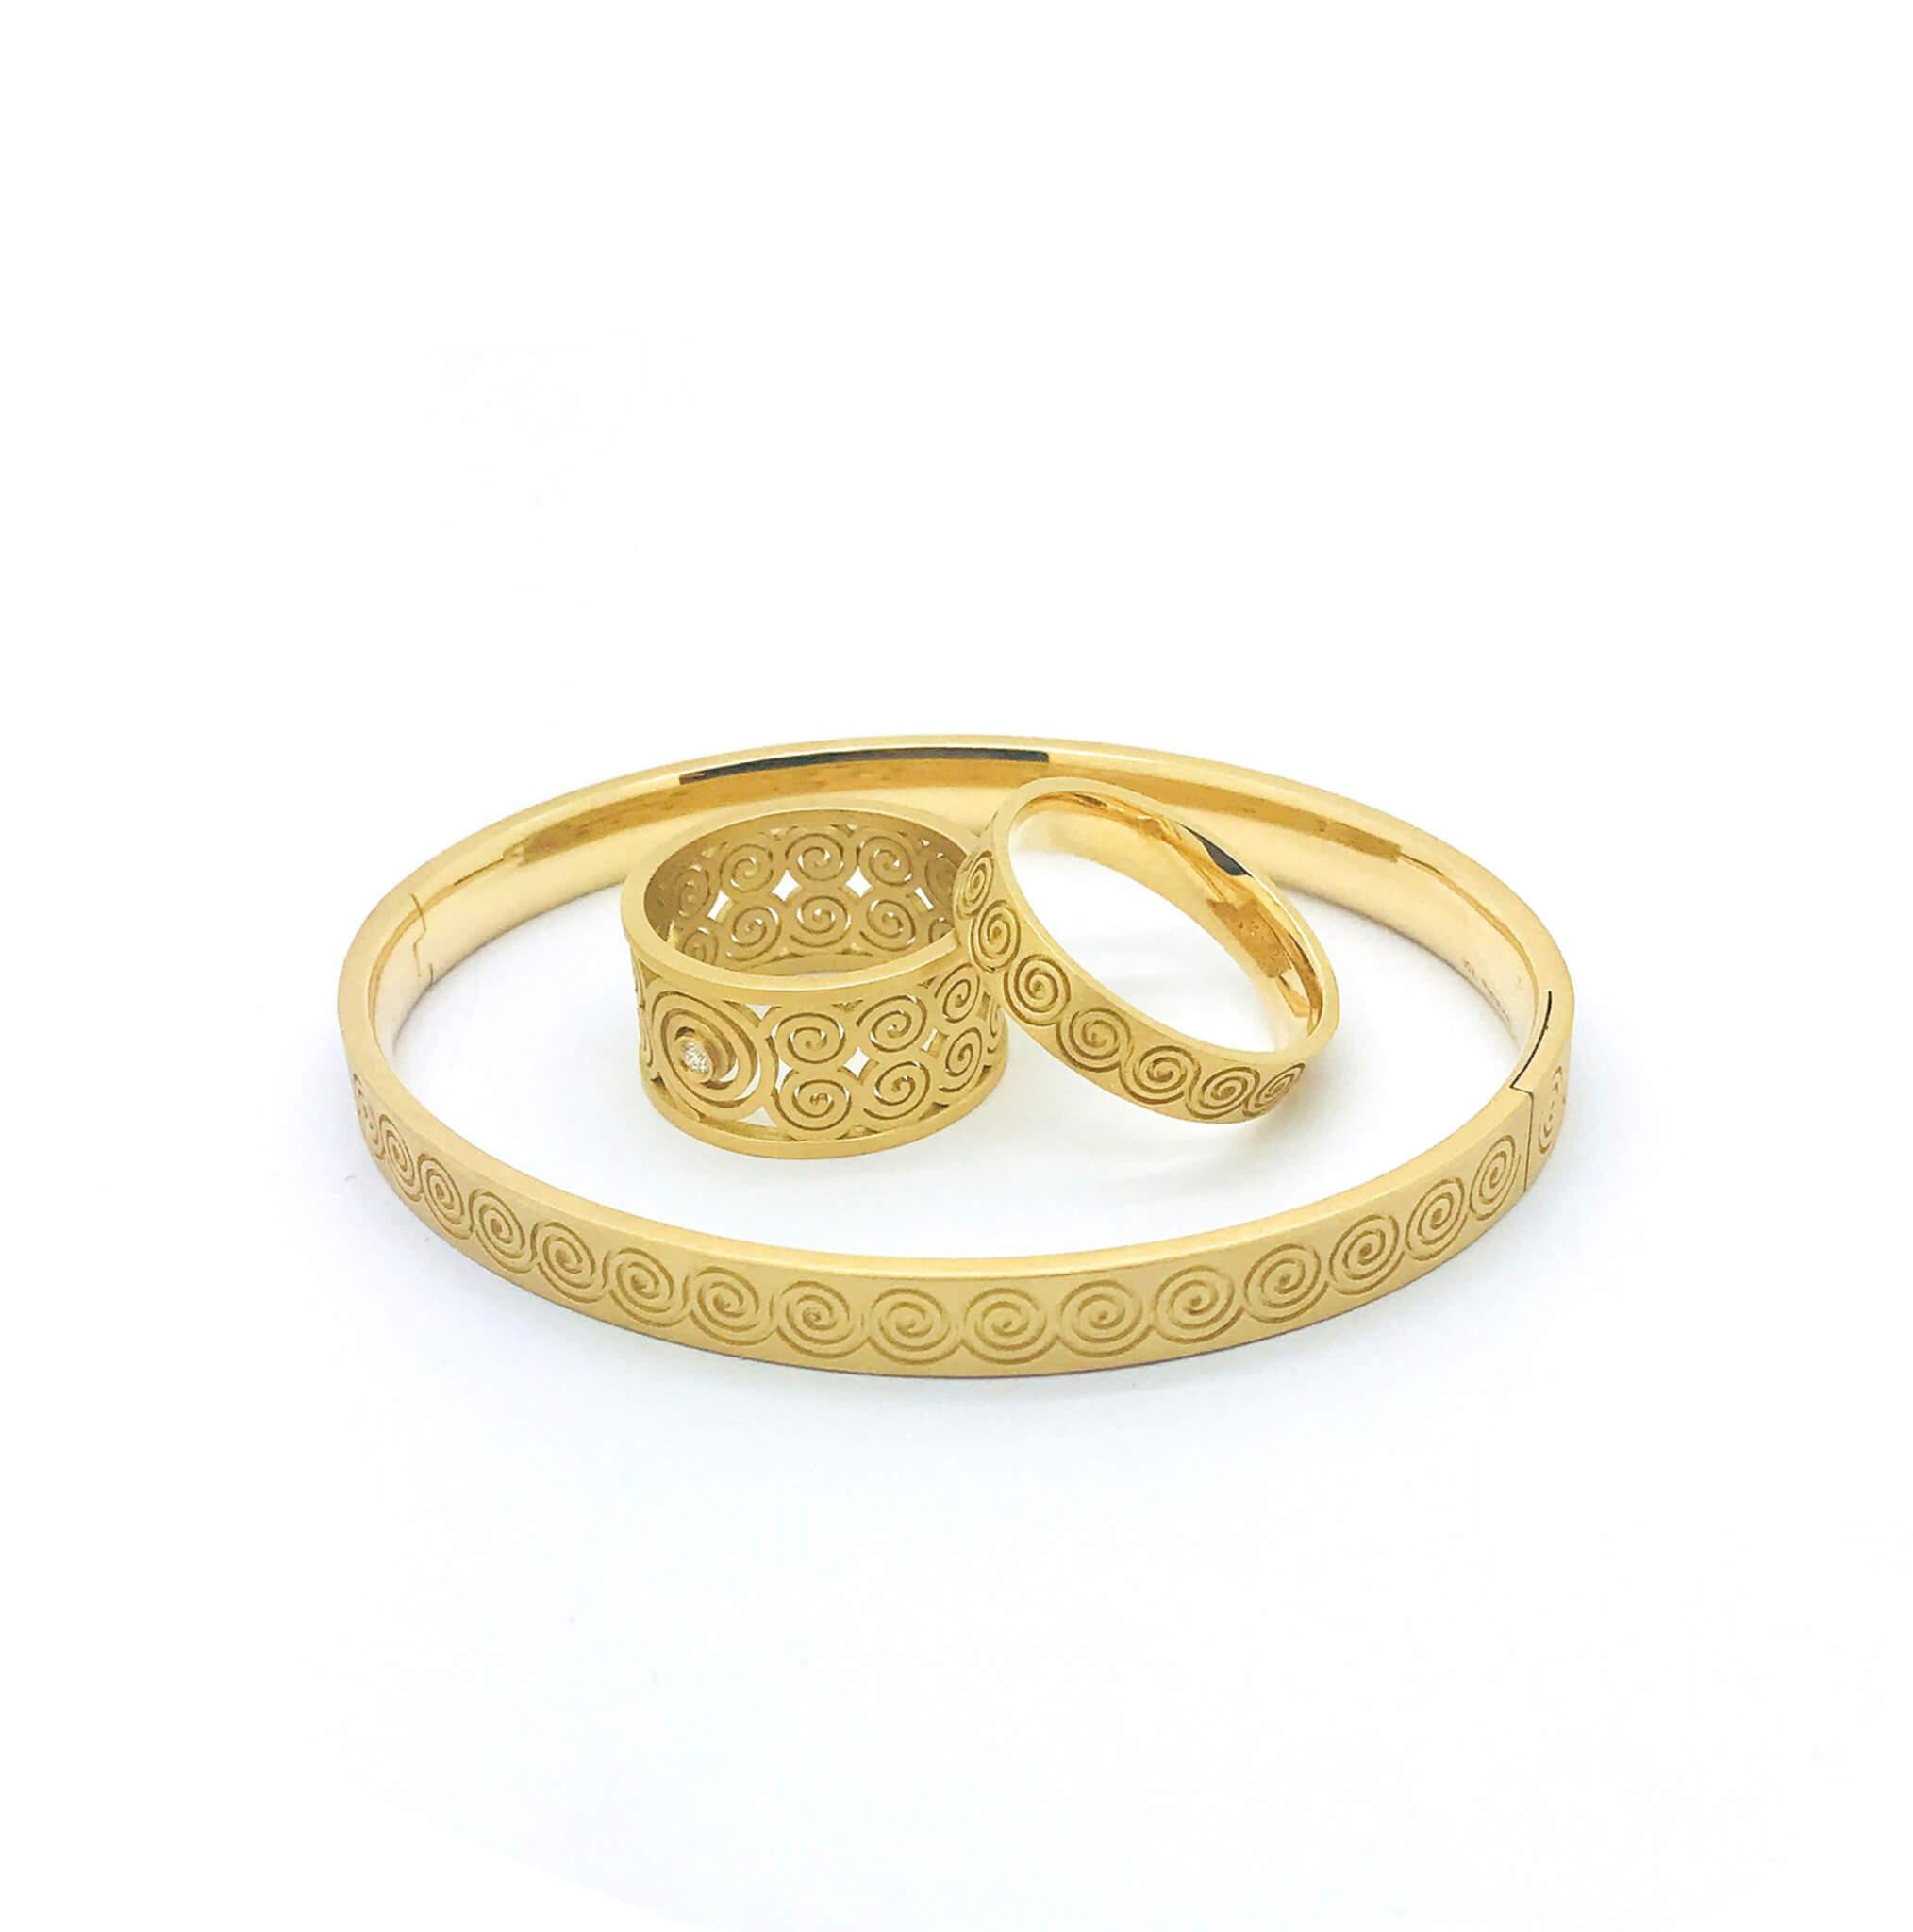 Spirale bague or bracelet or